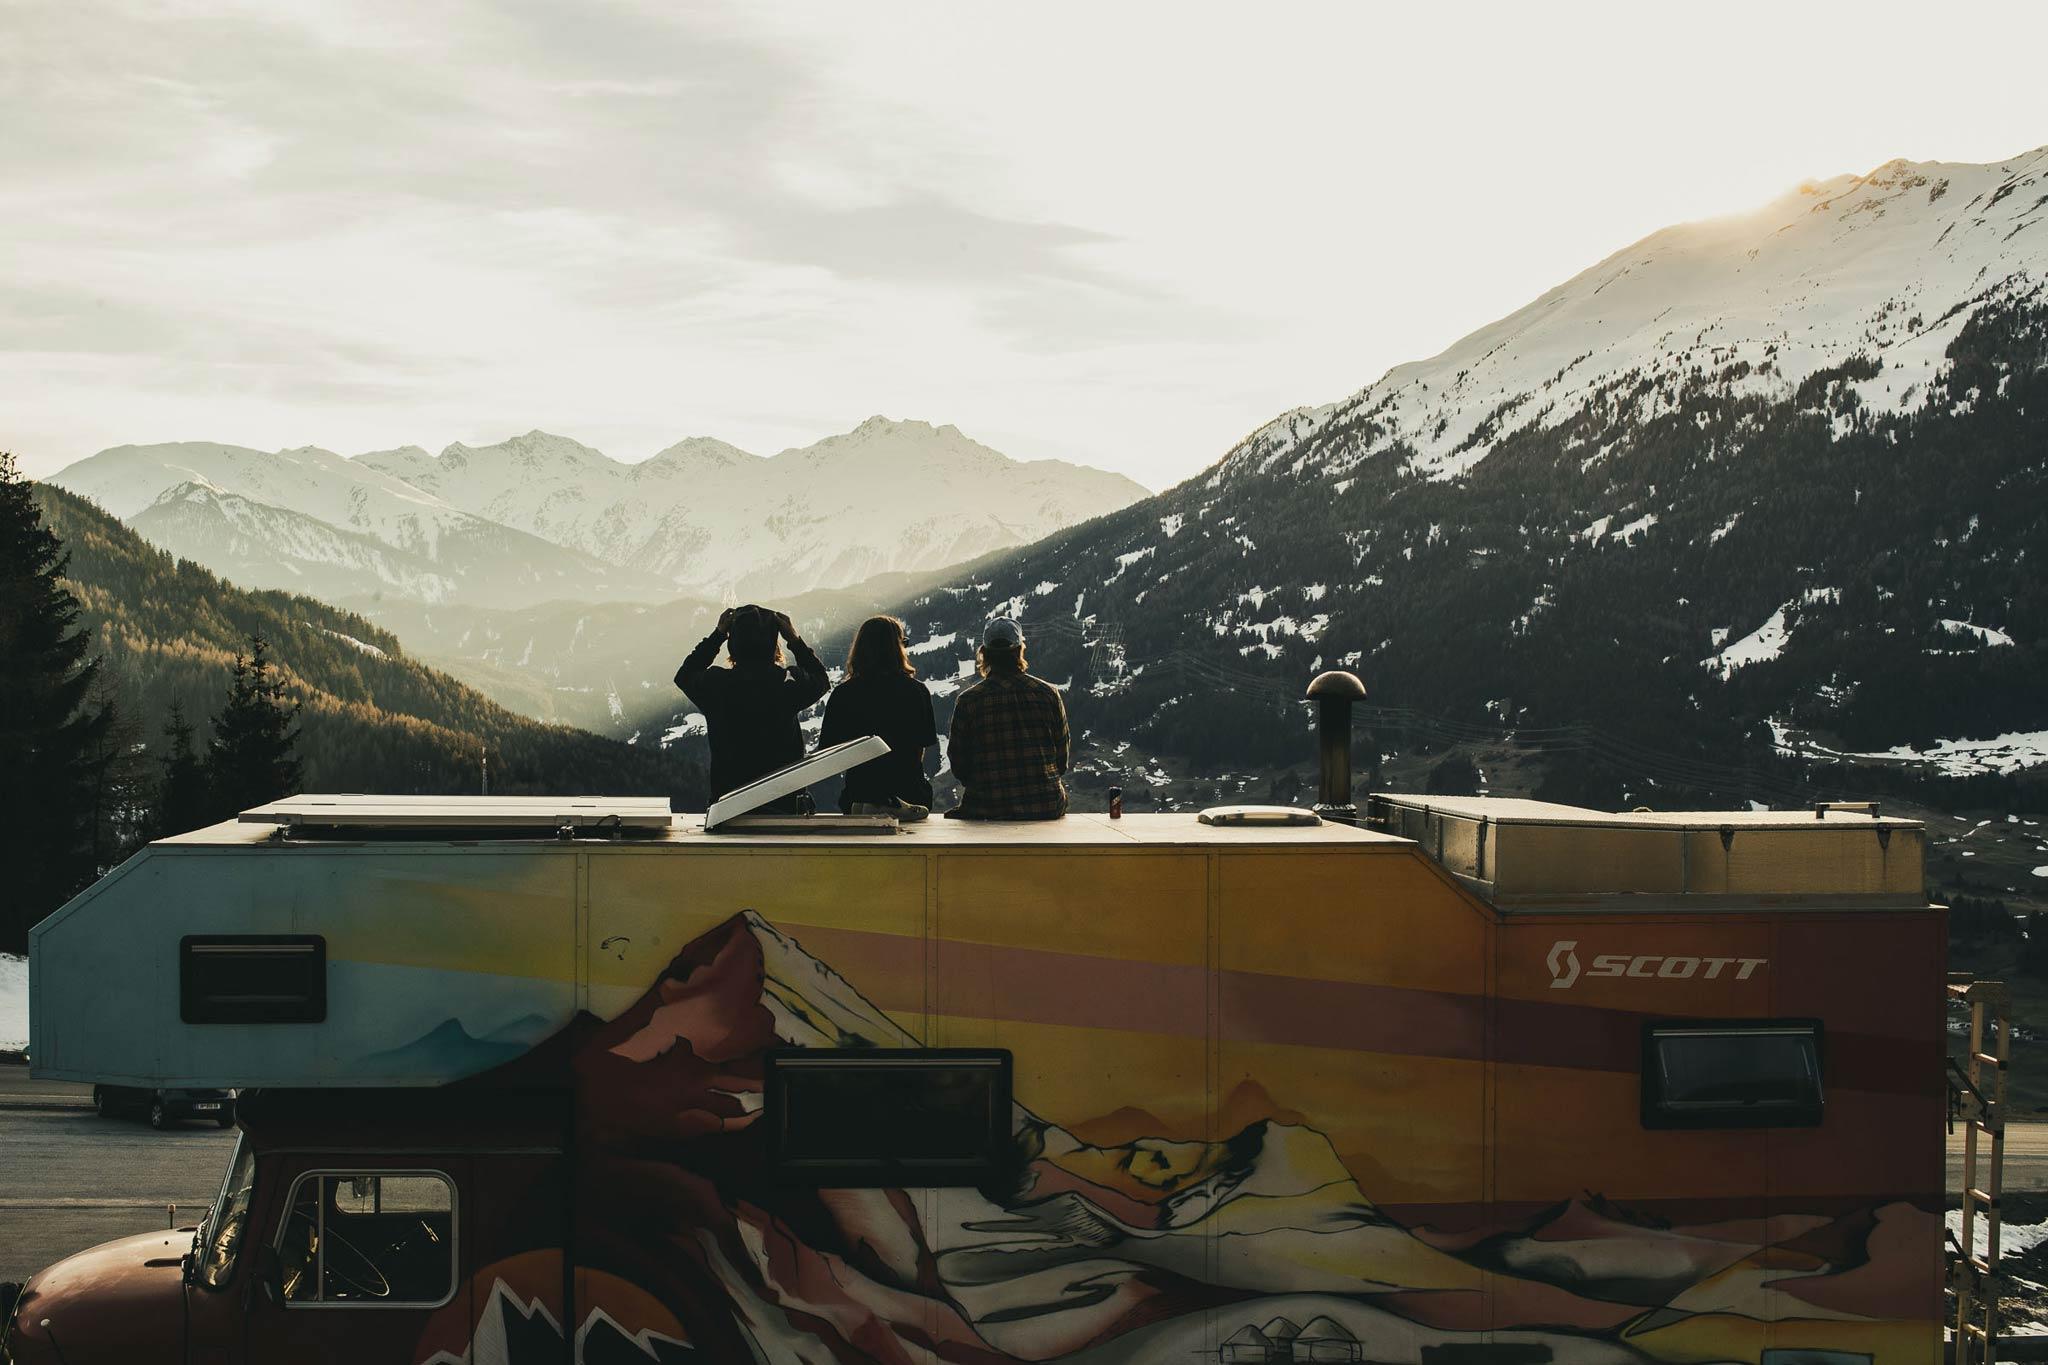 Sonnenuntergang auf dem Dach des Trucks - Foto: Flo Breitenberger